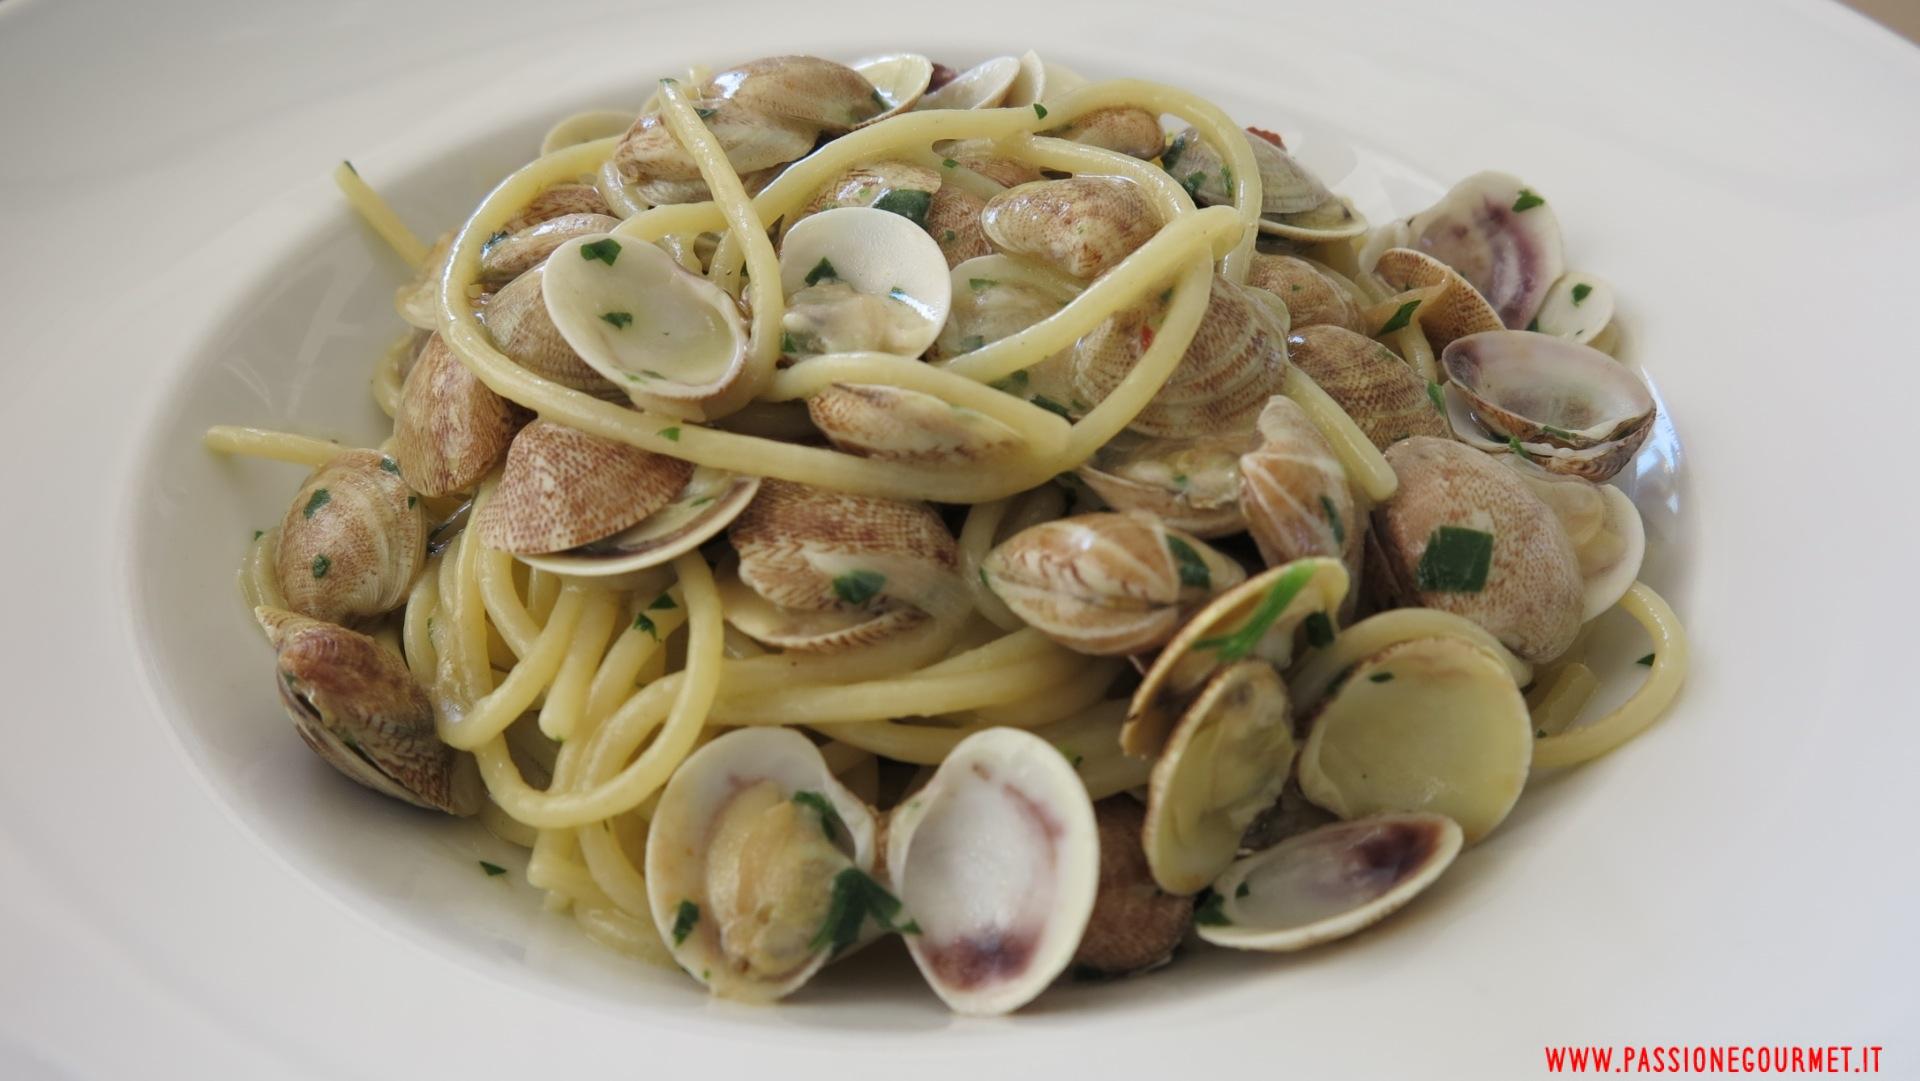 Spaghetti alle vongole, Crudo, Stella adriatica, Marche